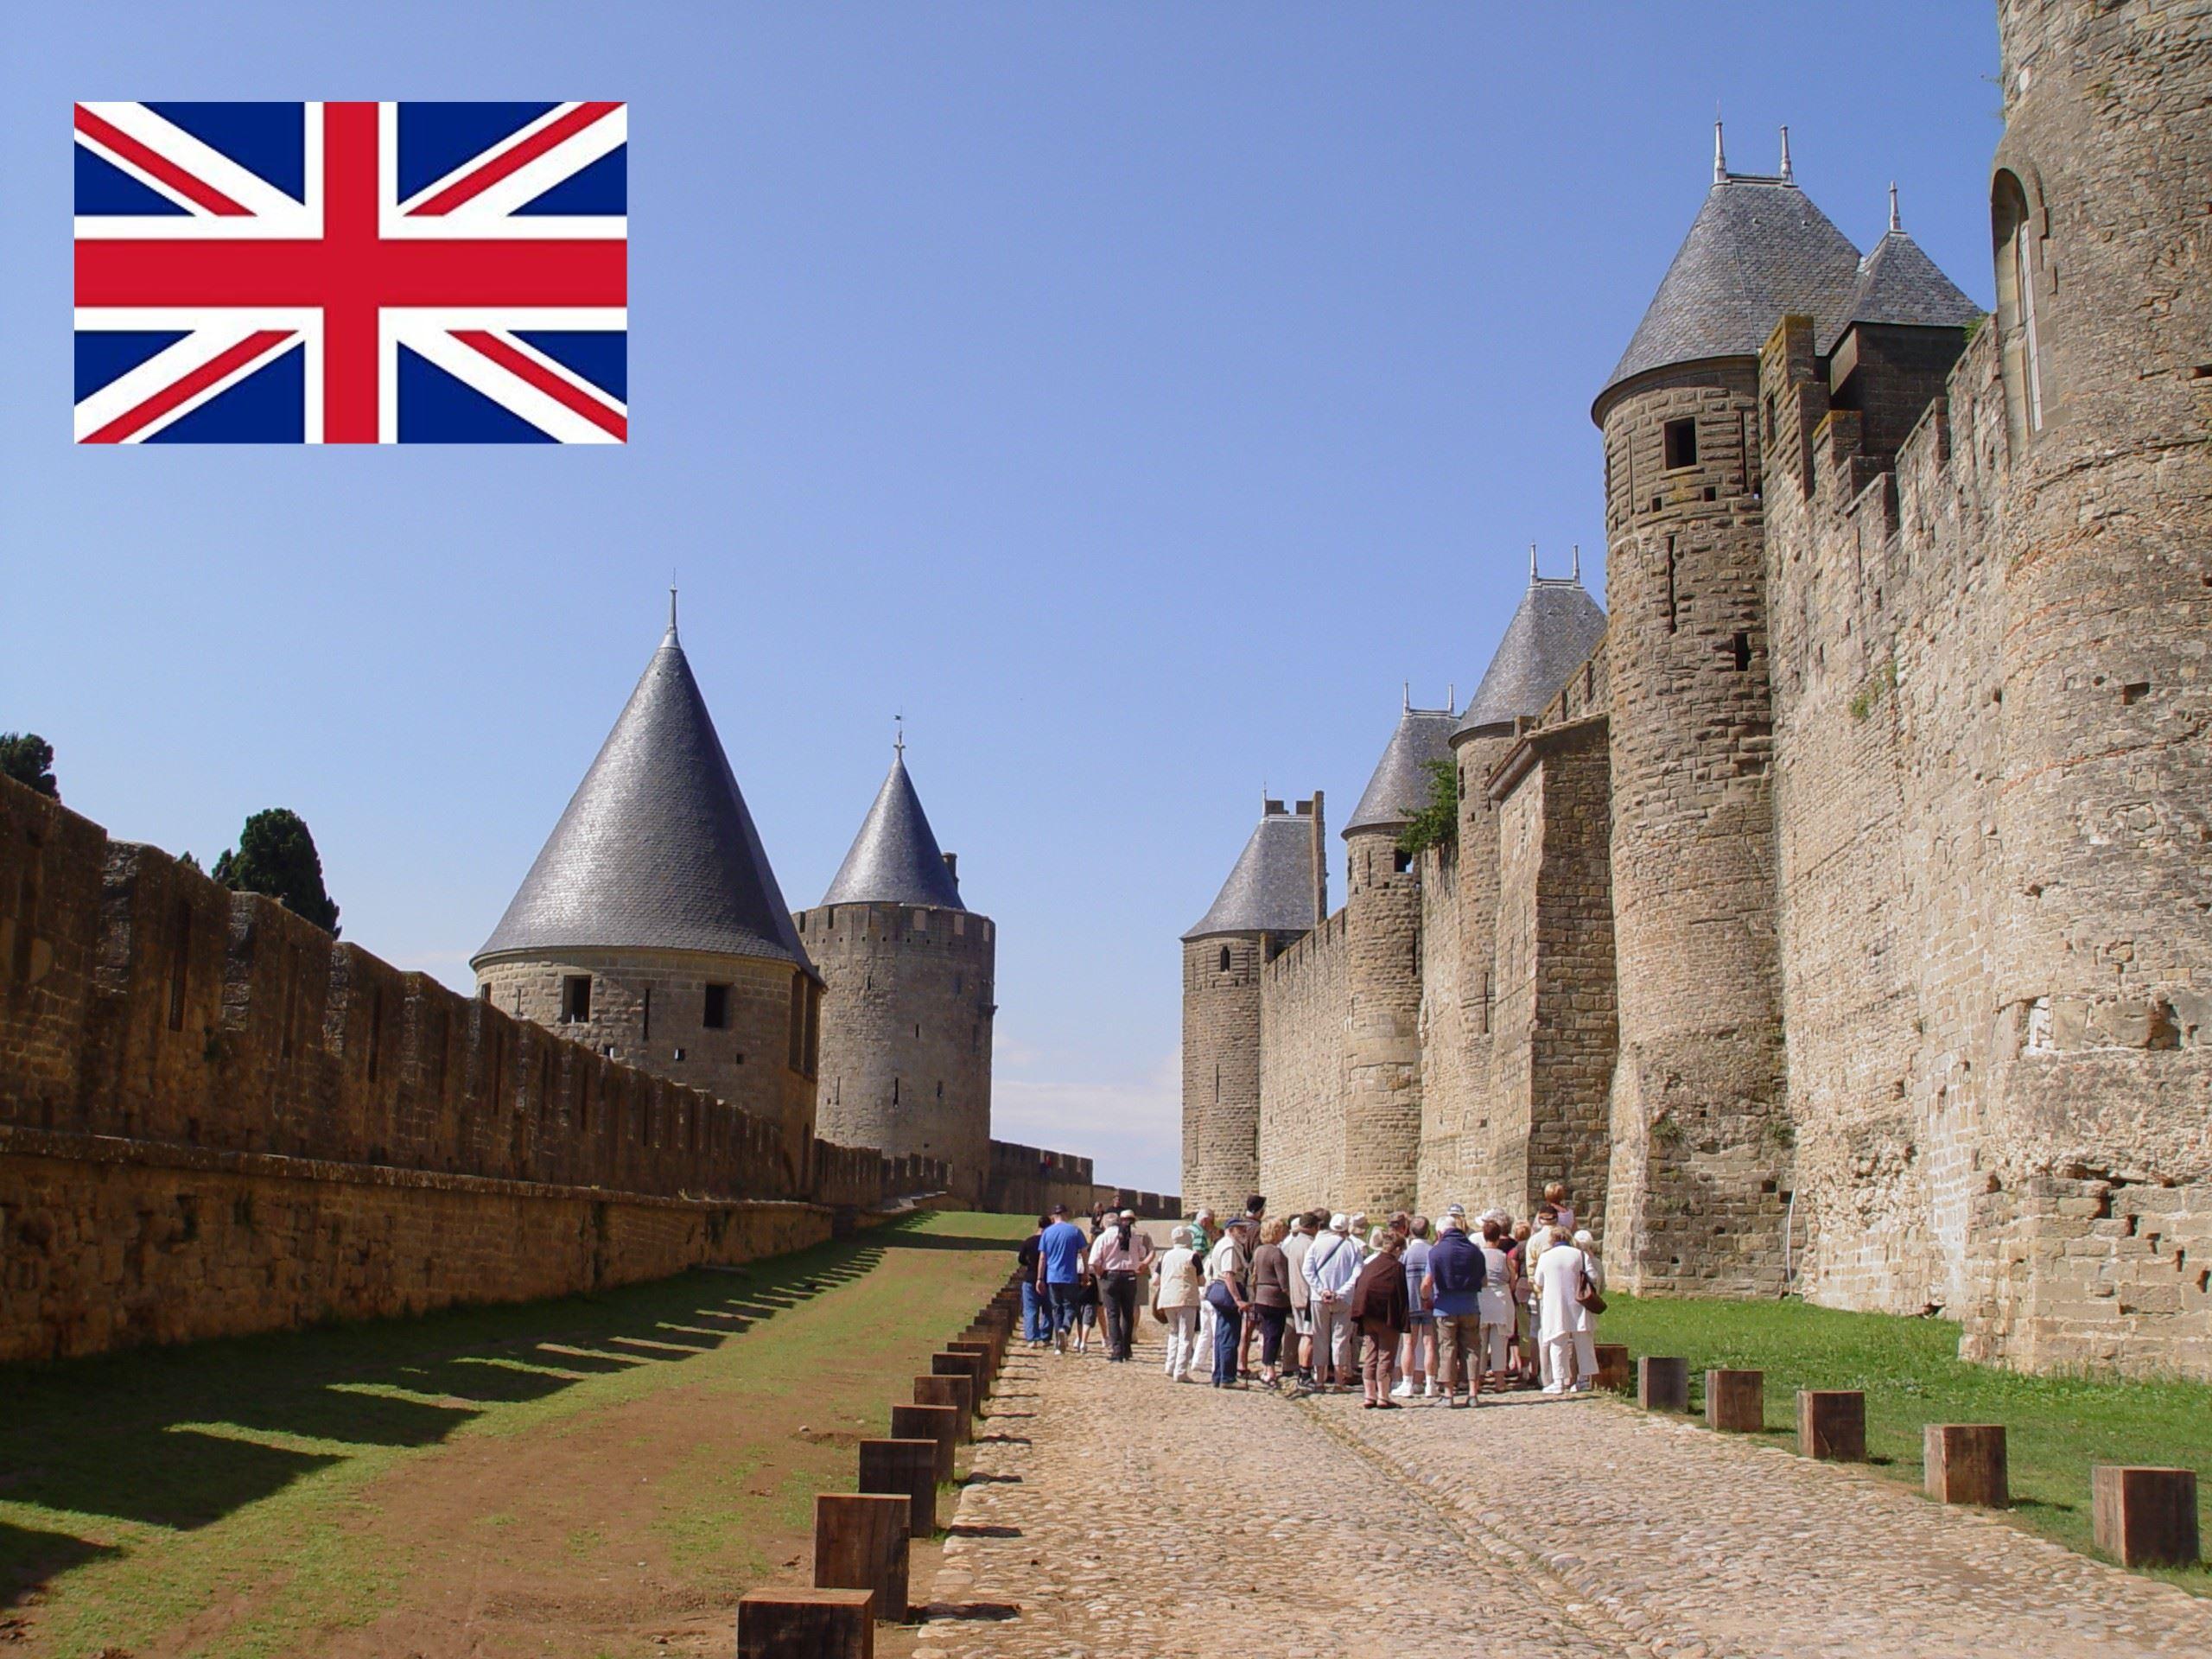 Visite guidée - Cité Médiévale - Visite Classique historique - 1h15 - GB - Anglais